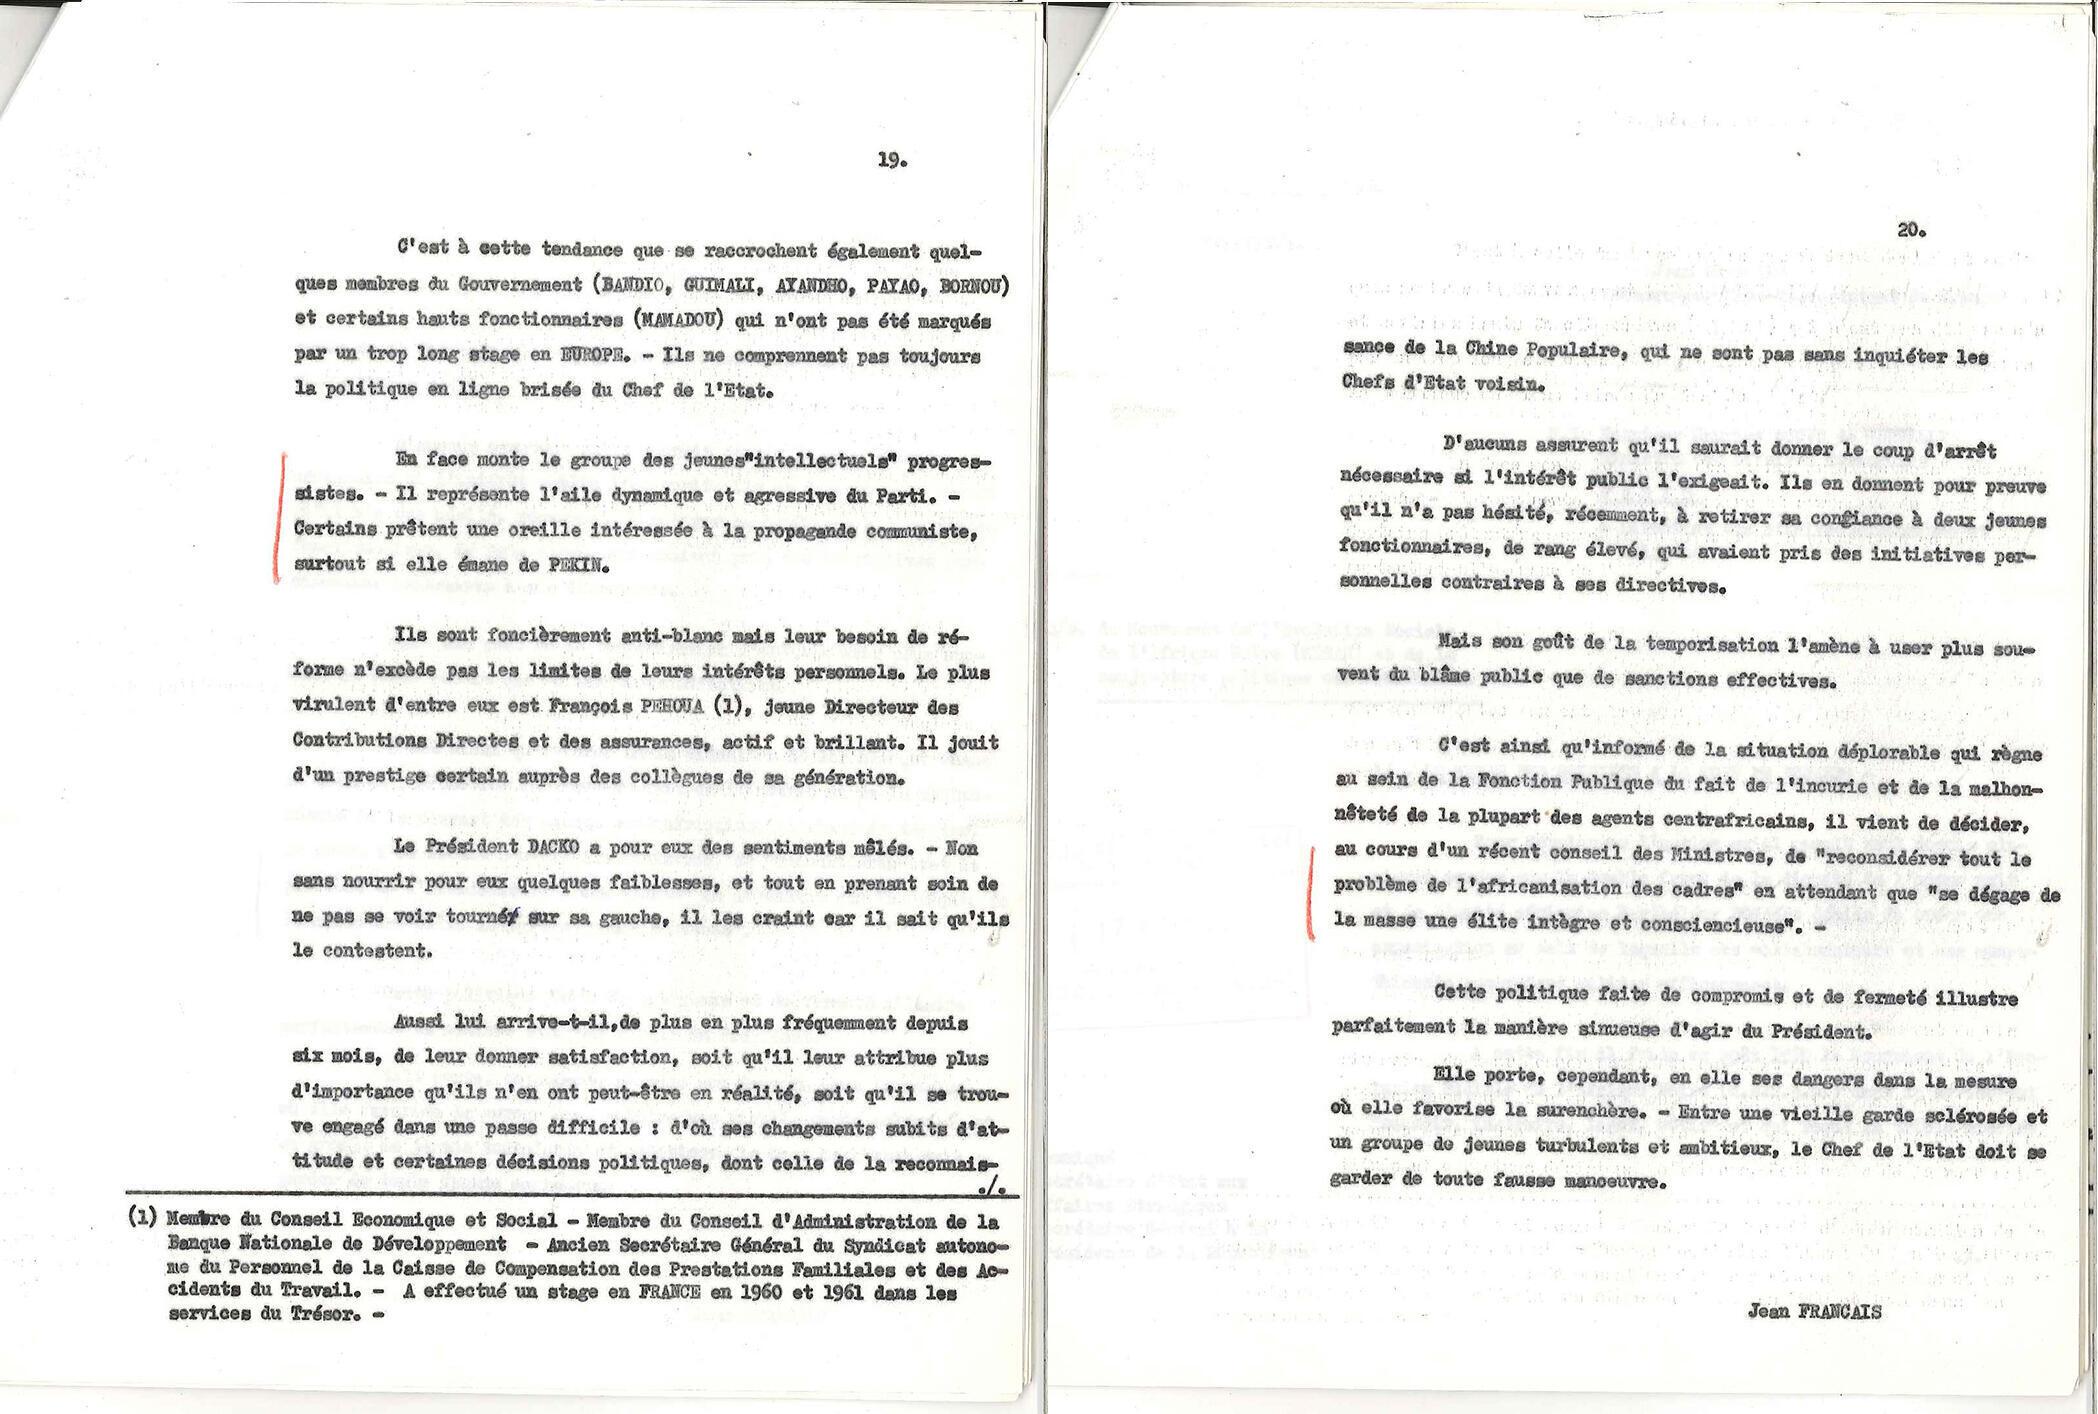 Archive du Fonds Foccart : extrait du rapport de l'ambassadeur Jean Français au ministère des Affaires étrangères, 13 mai 1965.